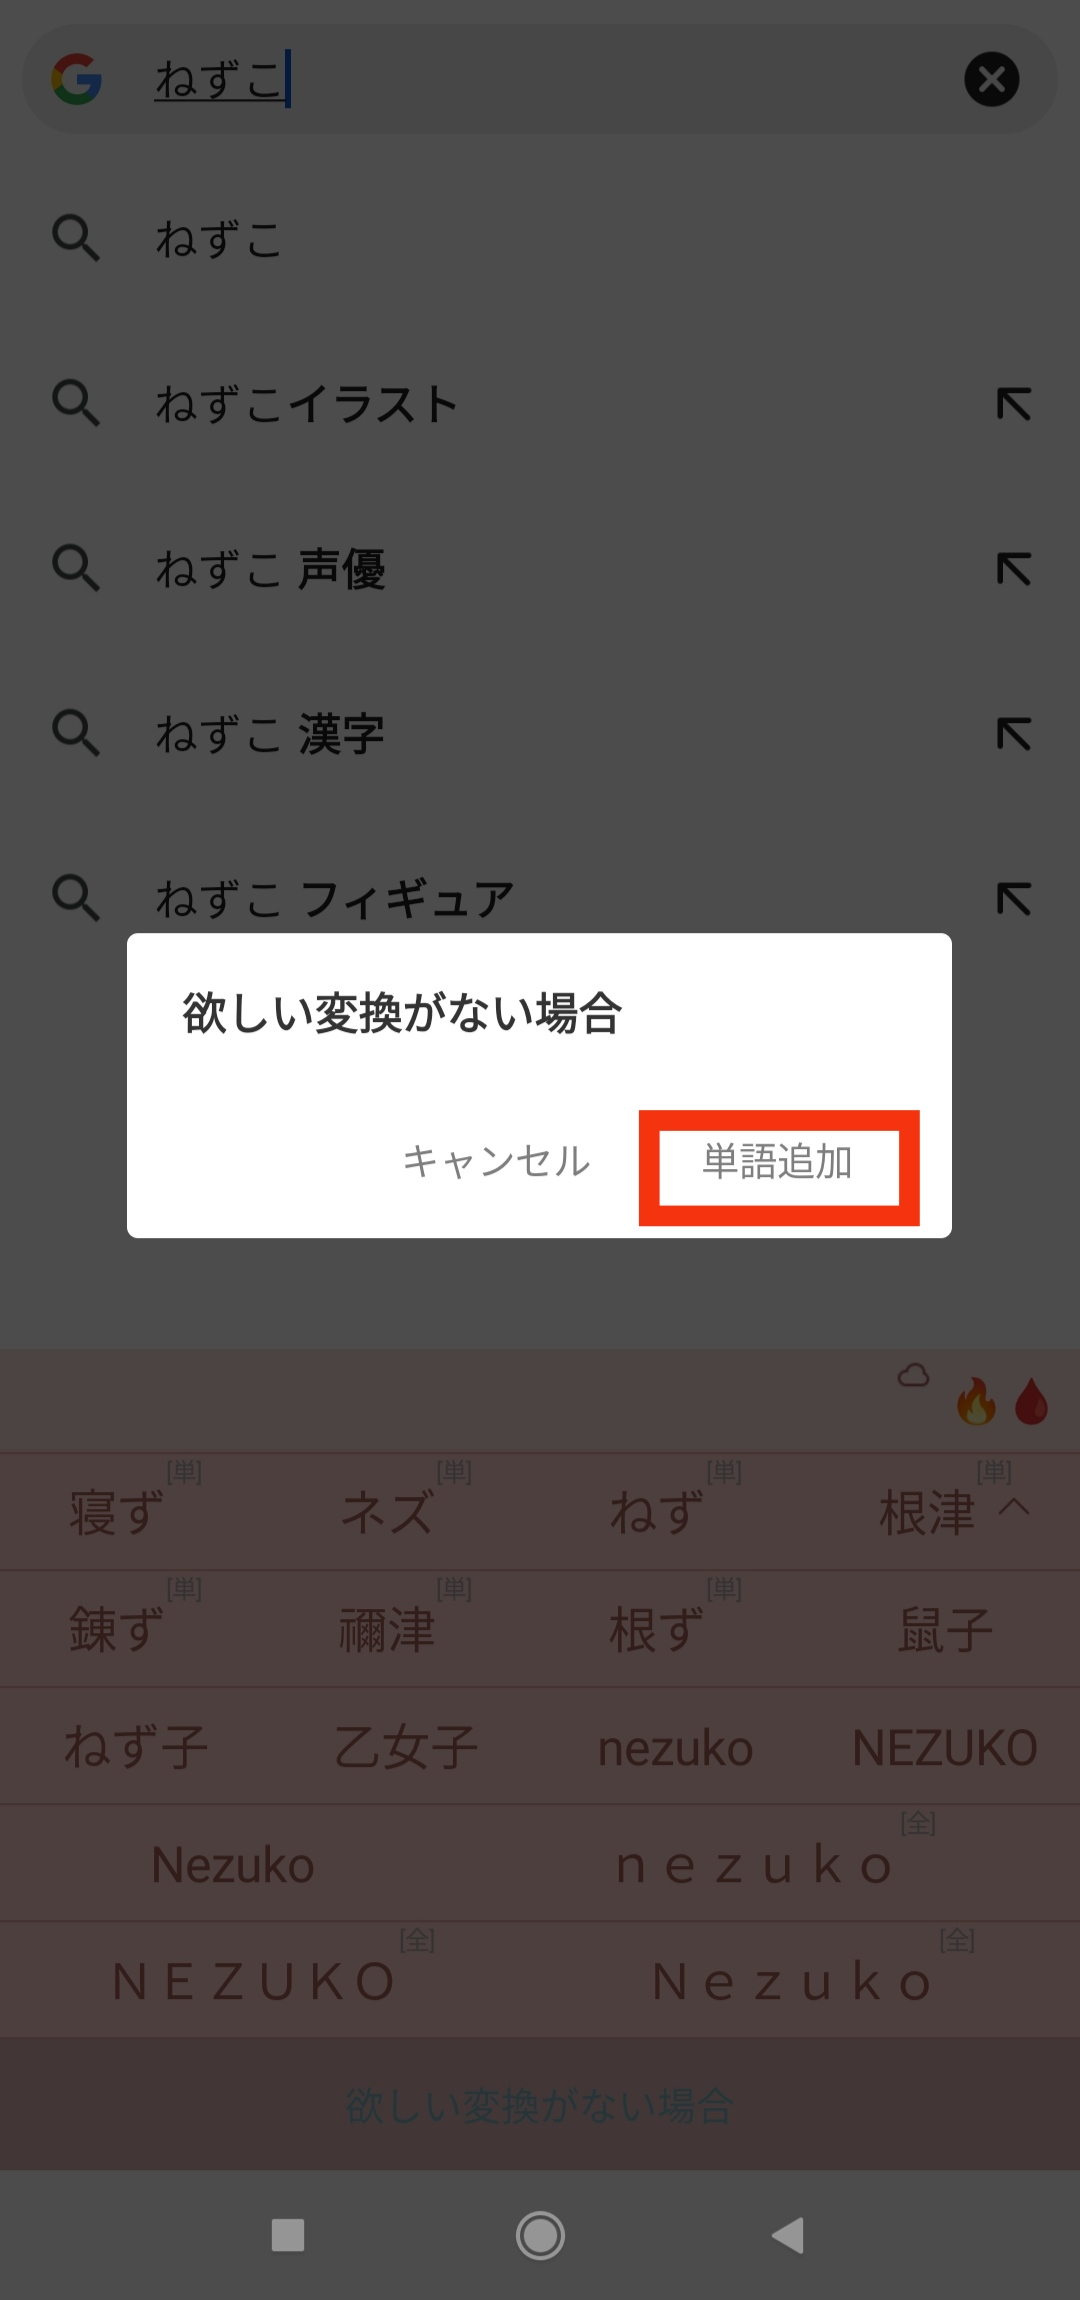 ねずこ漢字変換の出し方は?正しい意味や由来も解説